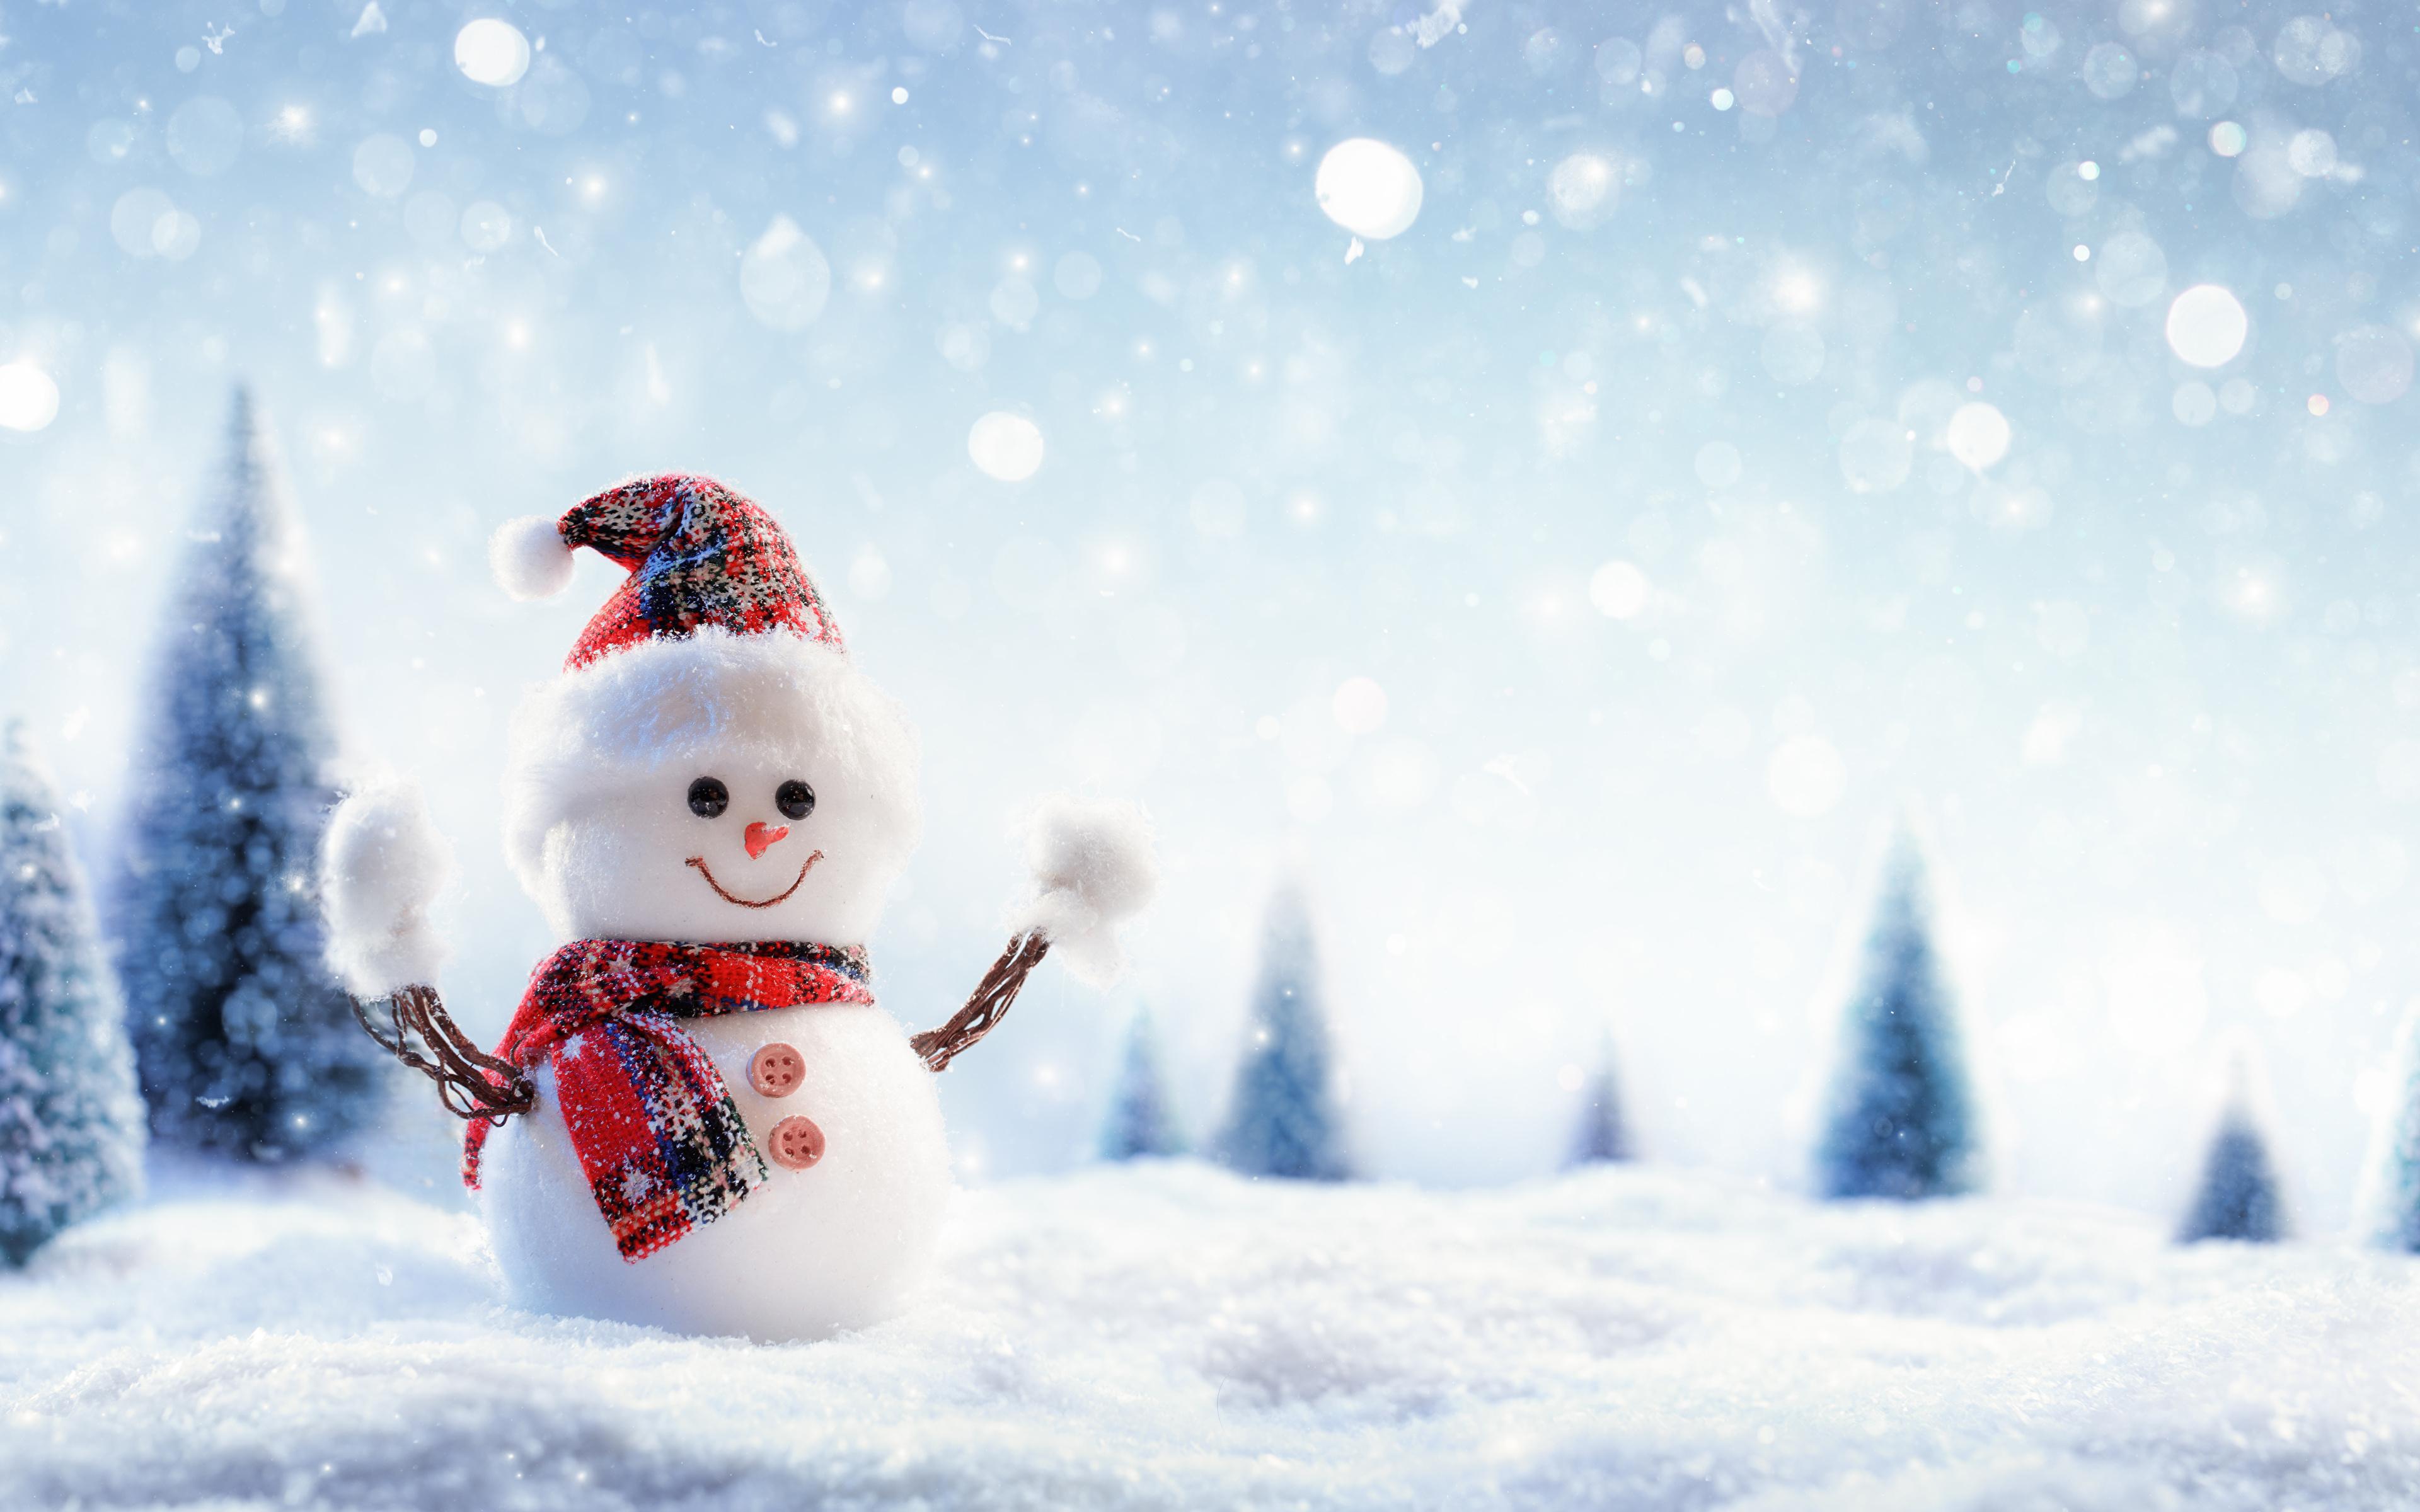 壁紙 3840x2400 冬 雪 雪だるま 暖かい帽子 スカーフ 襟巻き